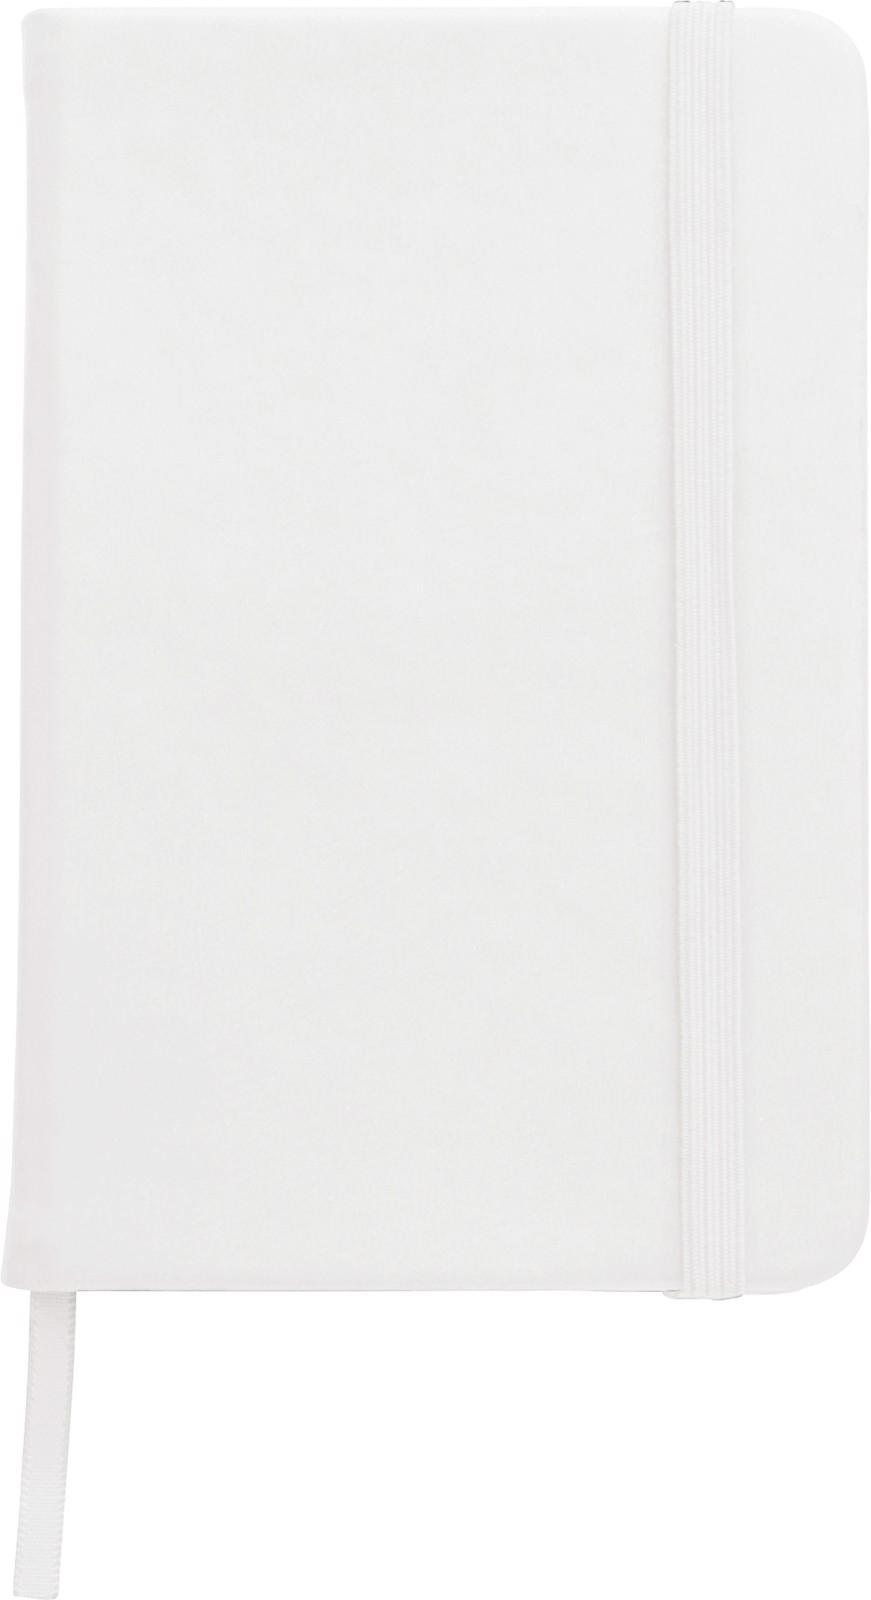 PU notebook - White